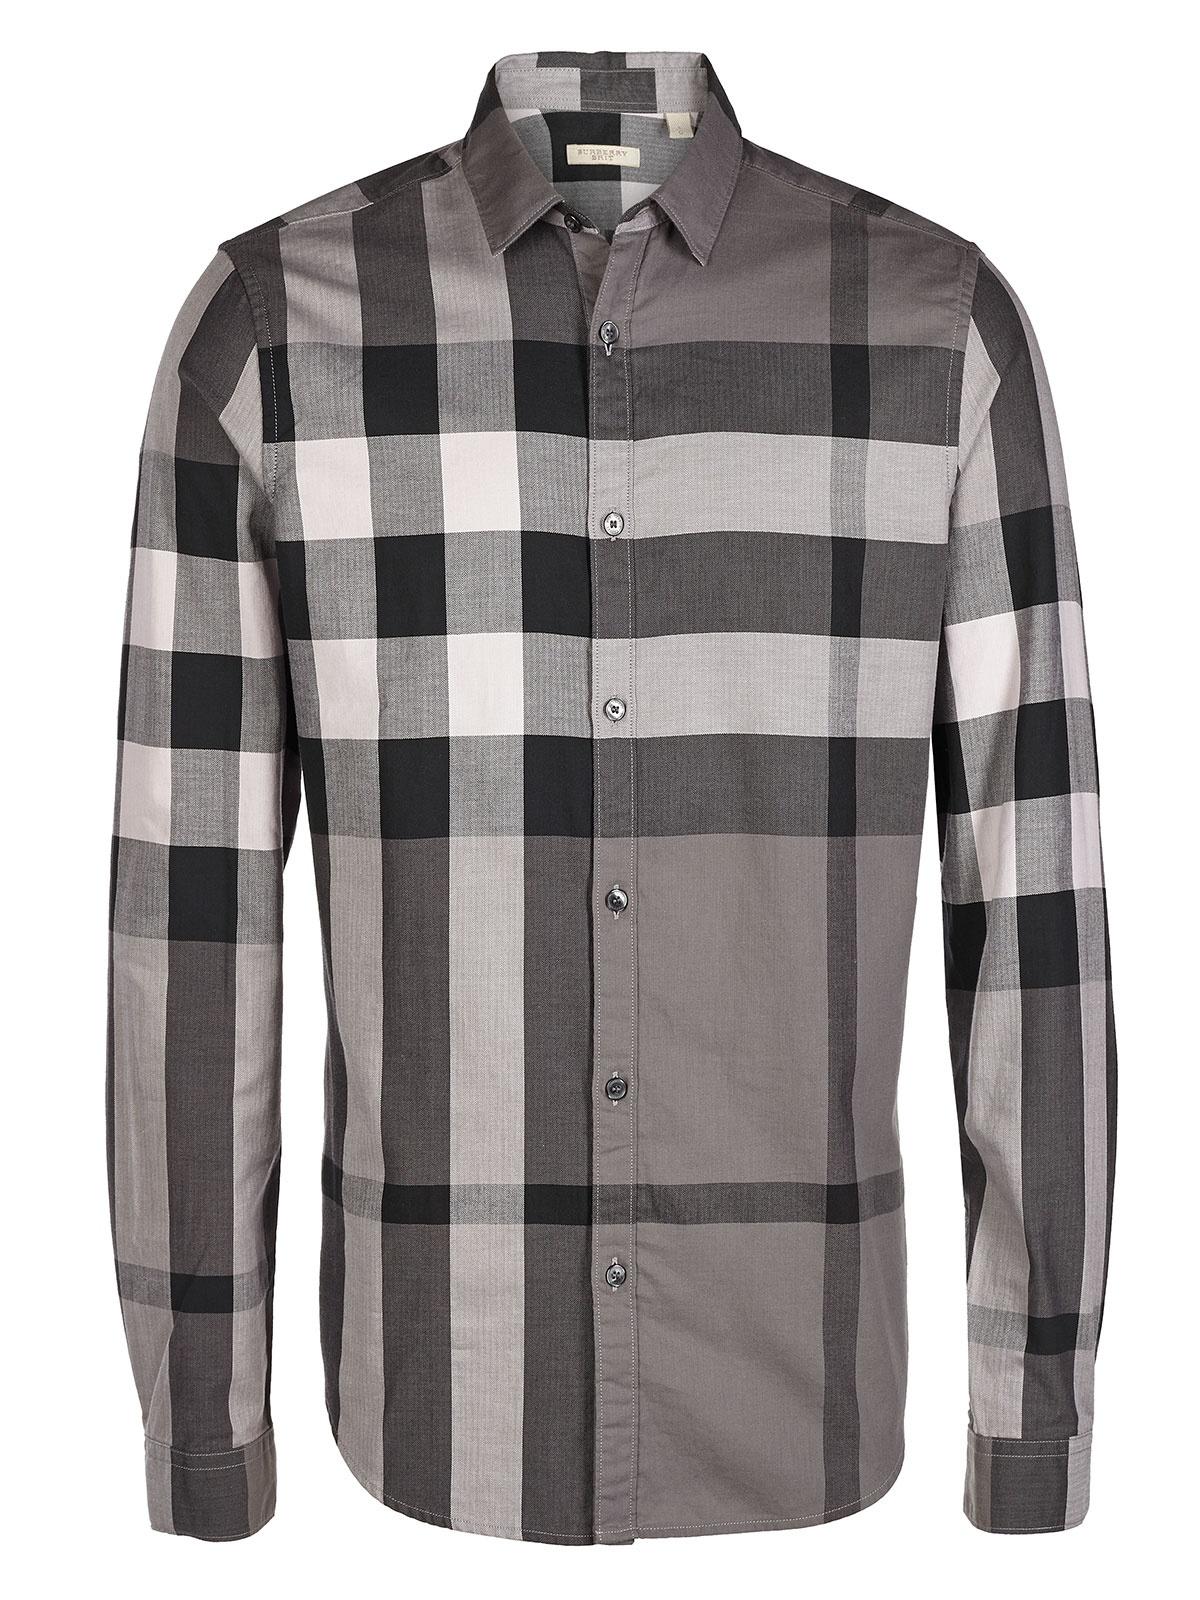 Burberry Mens Plaid Shirt